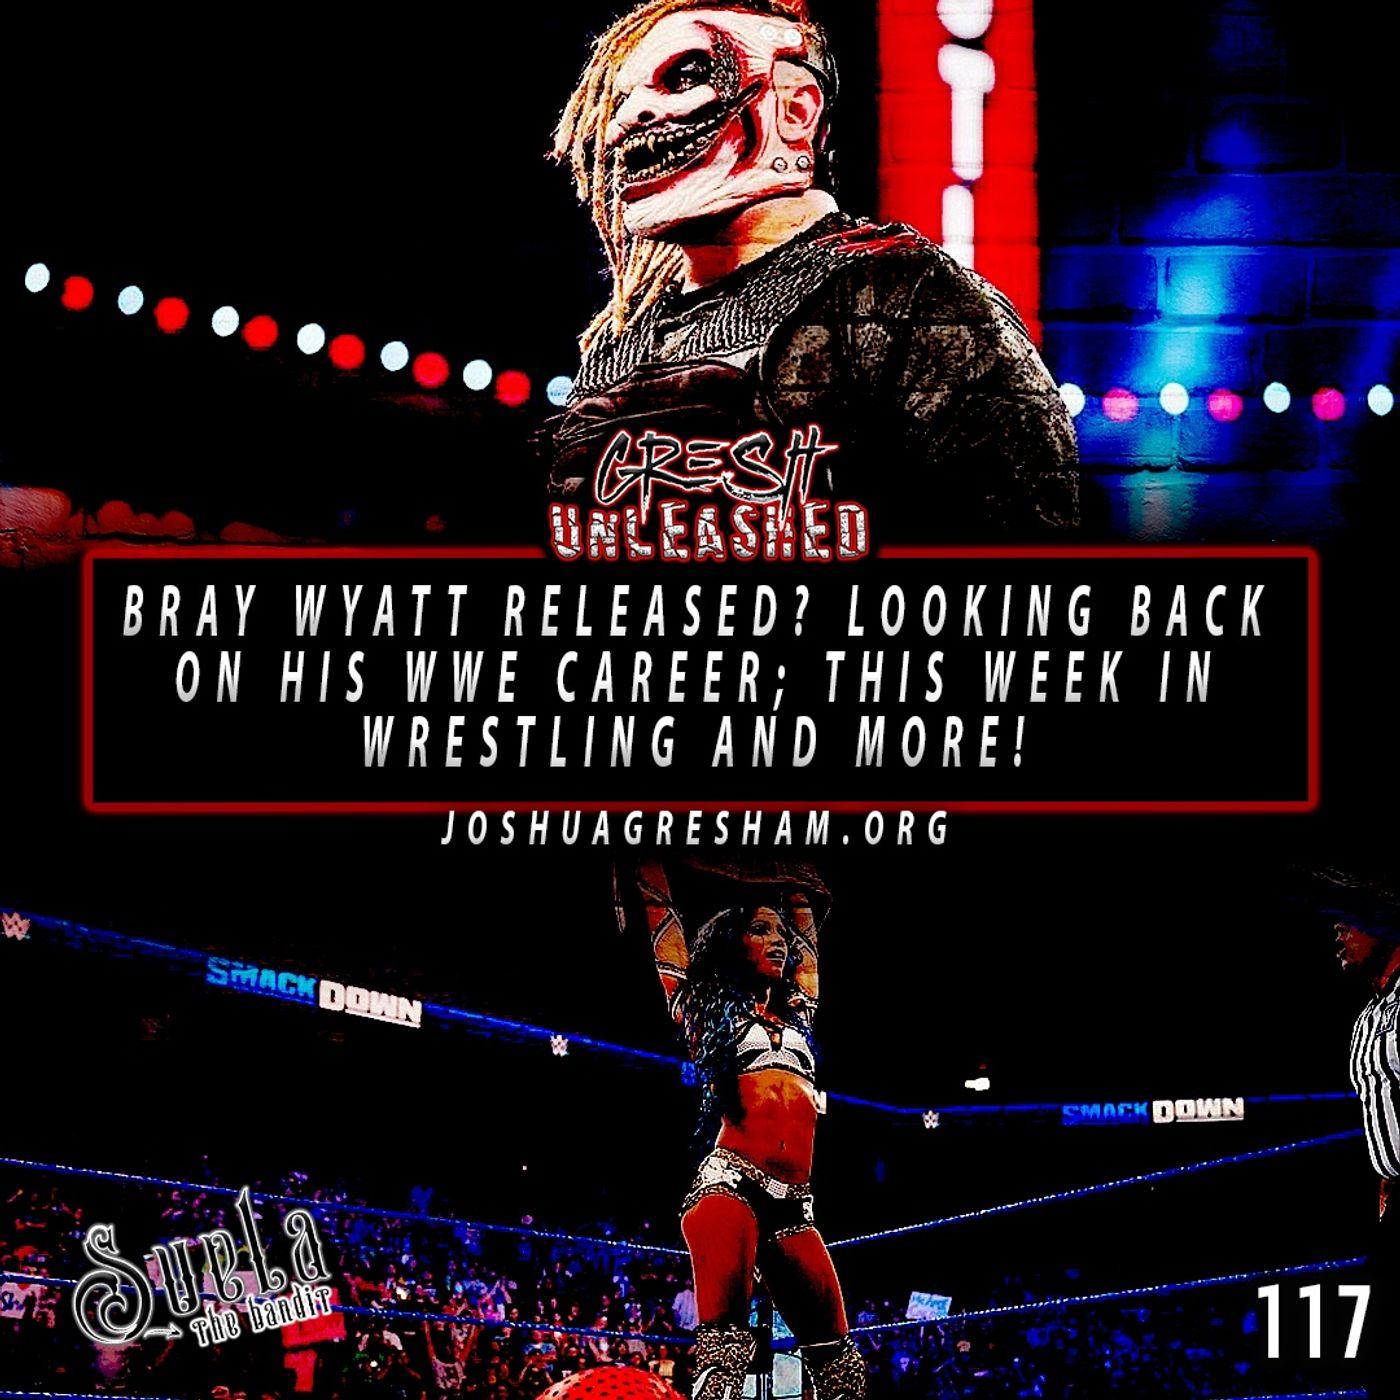 Bray Wyatt Released? Looking Back on his WWE Career, This Week In Wrestling and more!   117